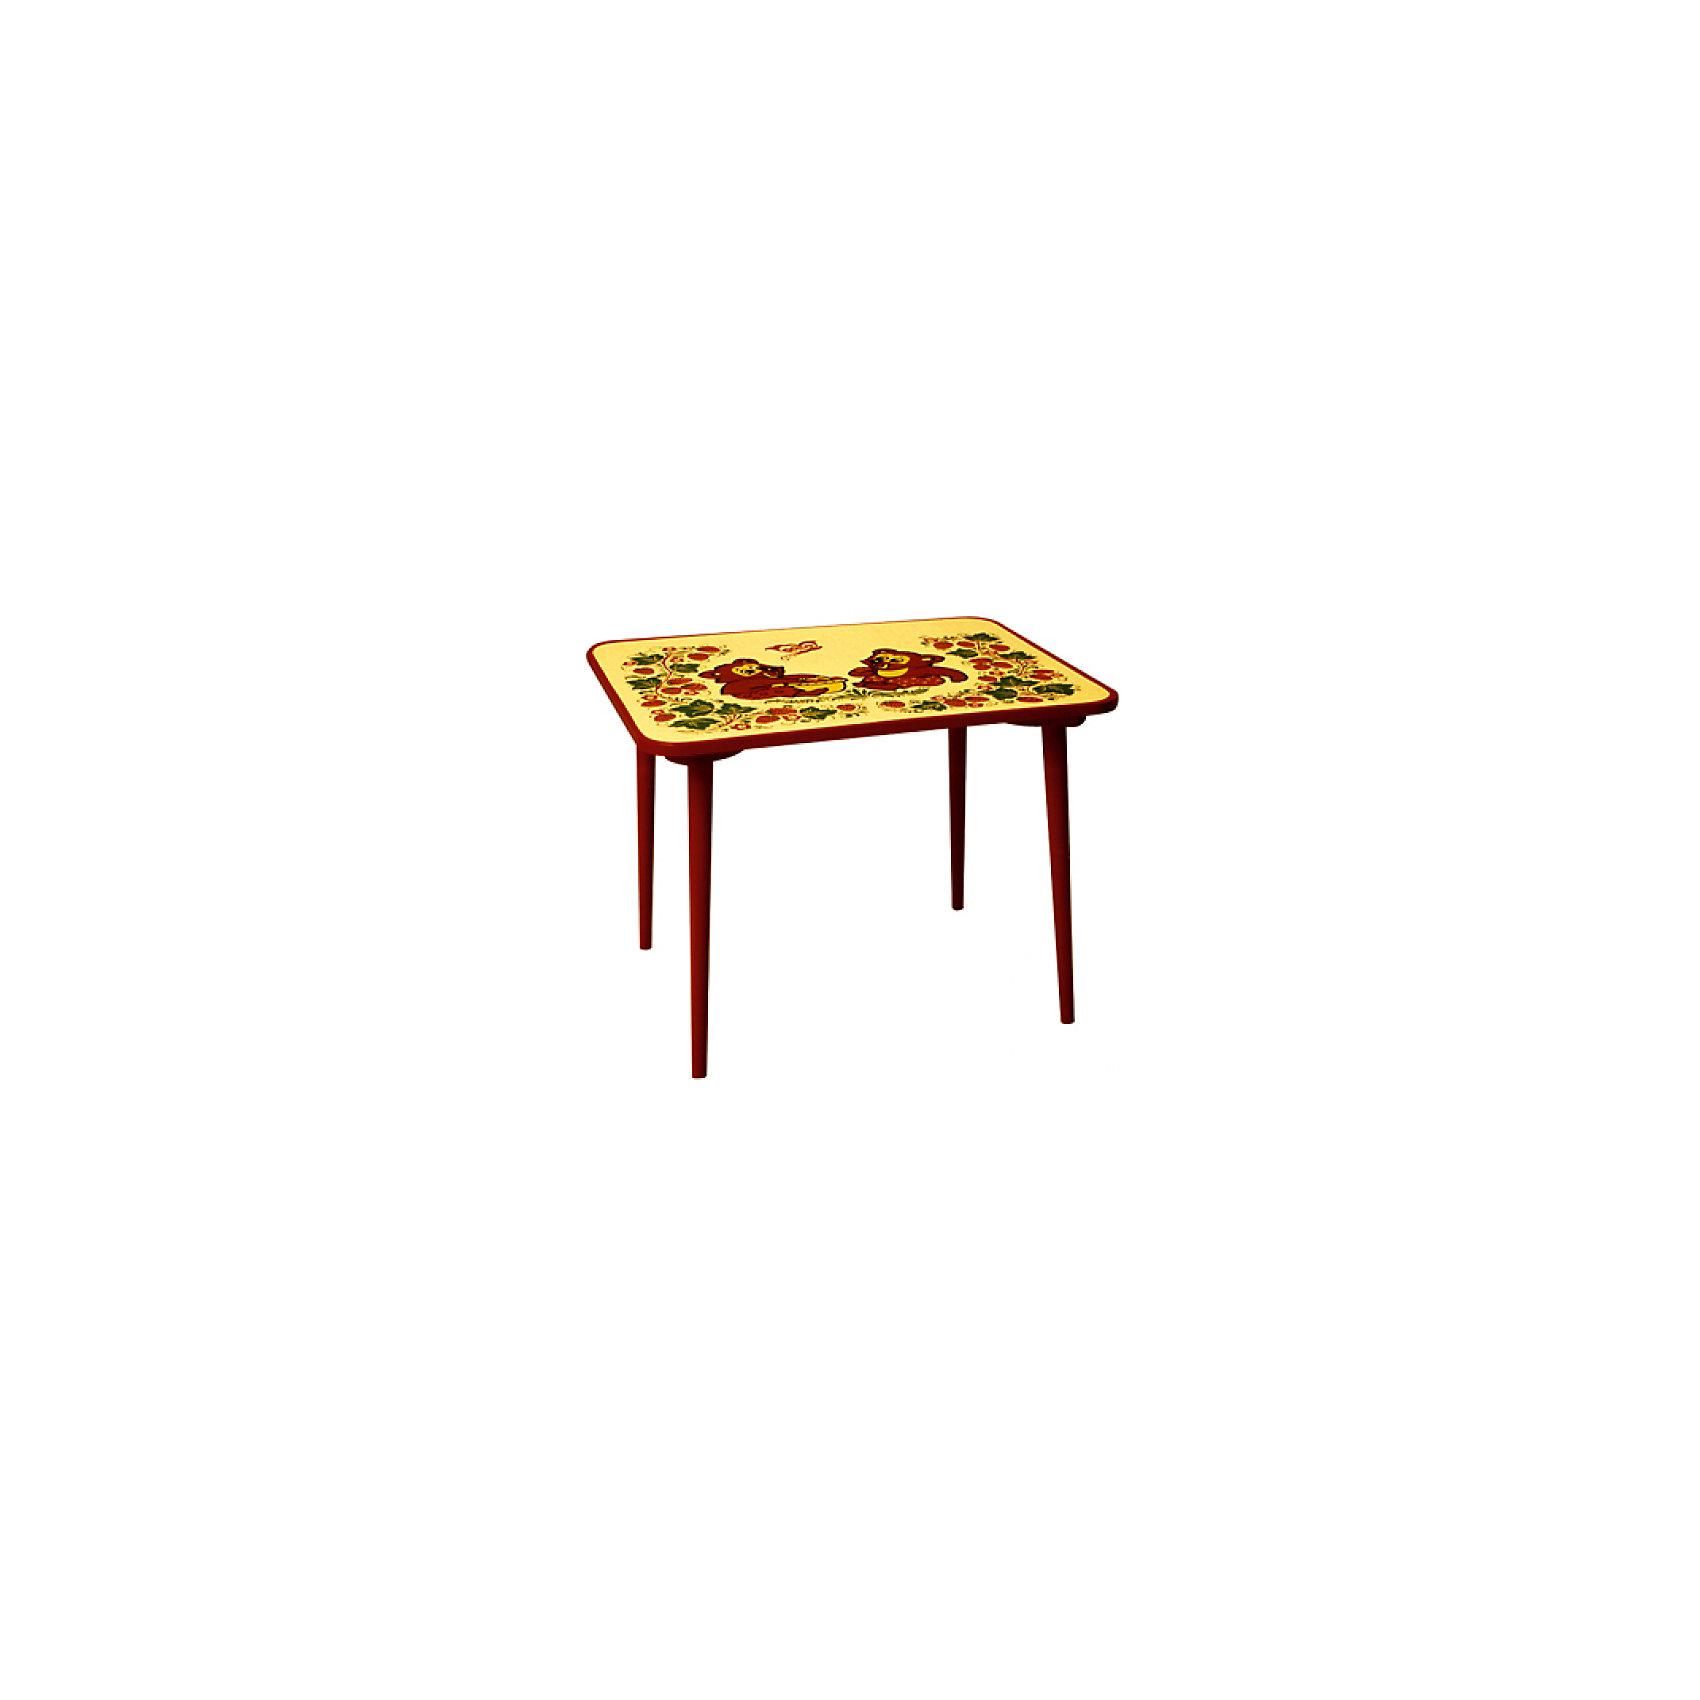 Стол ЗверькиКрасочный  столик со сказочными рисунками выполнен из массива. Его поверхность пропитана варёным льняным маслом и покрыта алюминиевым порошком и росписью. На поверхность стола также нанесены несколько слоев лака. Столик очень прочный и устойчивый, покрытие закалено при особом температурном режиме и не будет отслаиваться или облупливаться при частой влажной уборке.<br><br>Дополнительная информация:<br><br>- Возраст: от 6 мес.<br>- Материал: дерево.<br>- Цвет: орнамент - Хохломская роспись зверьки. <br>- Параметры стола: 60х45х46 см.<br> <br><br>Детский столик Зверьки можно купить в нашем магазине.<br><br>Ширина мм: 600<br>Глубина мм: 450<br>Высота мм: 460<br>Вес г: 7000<br>Возраст от месяцев: 36<br>Возраст до месяцев: 108<br>Пол: Унисекс<br>Возраст: Детский<br>SKU: 4718377